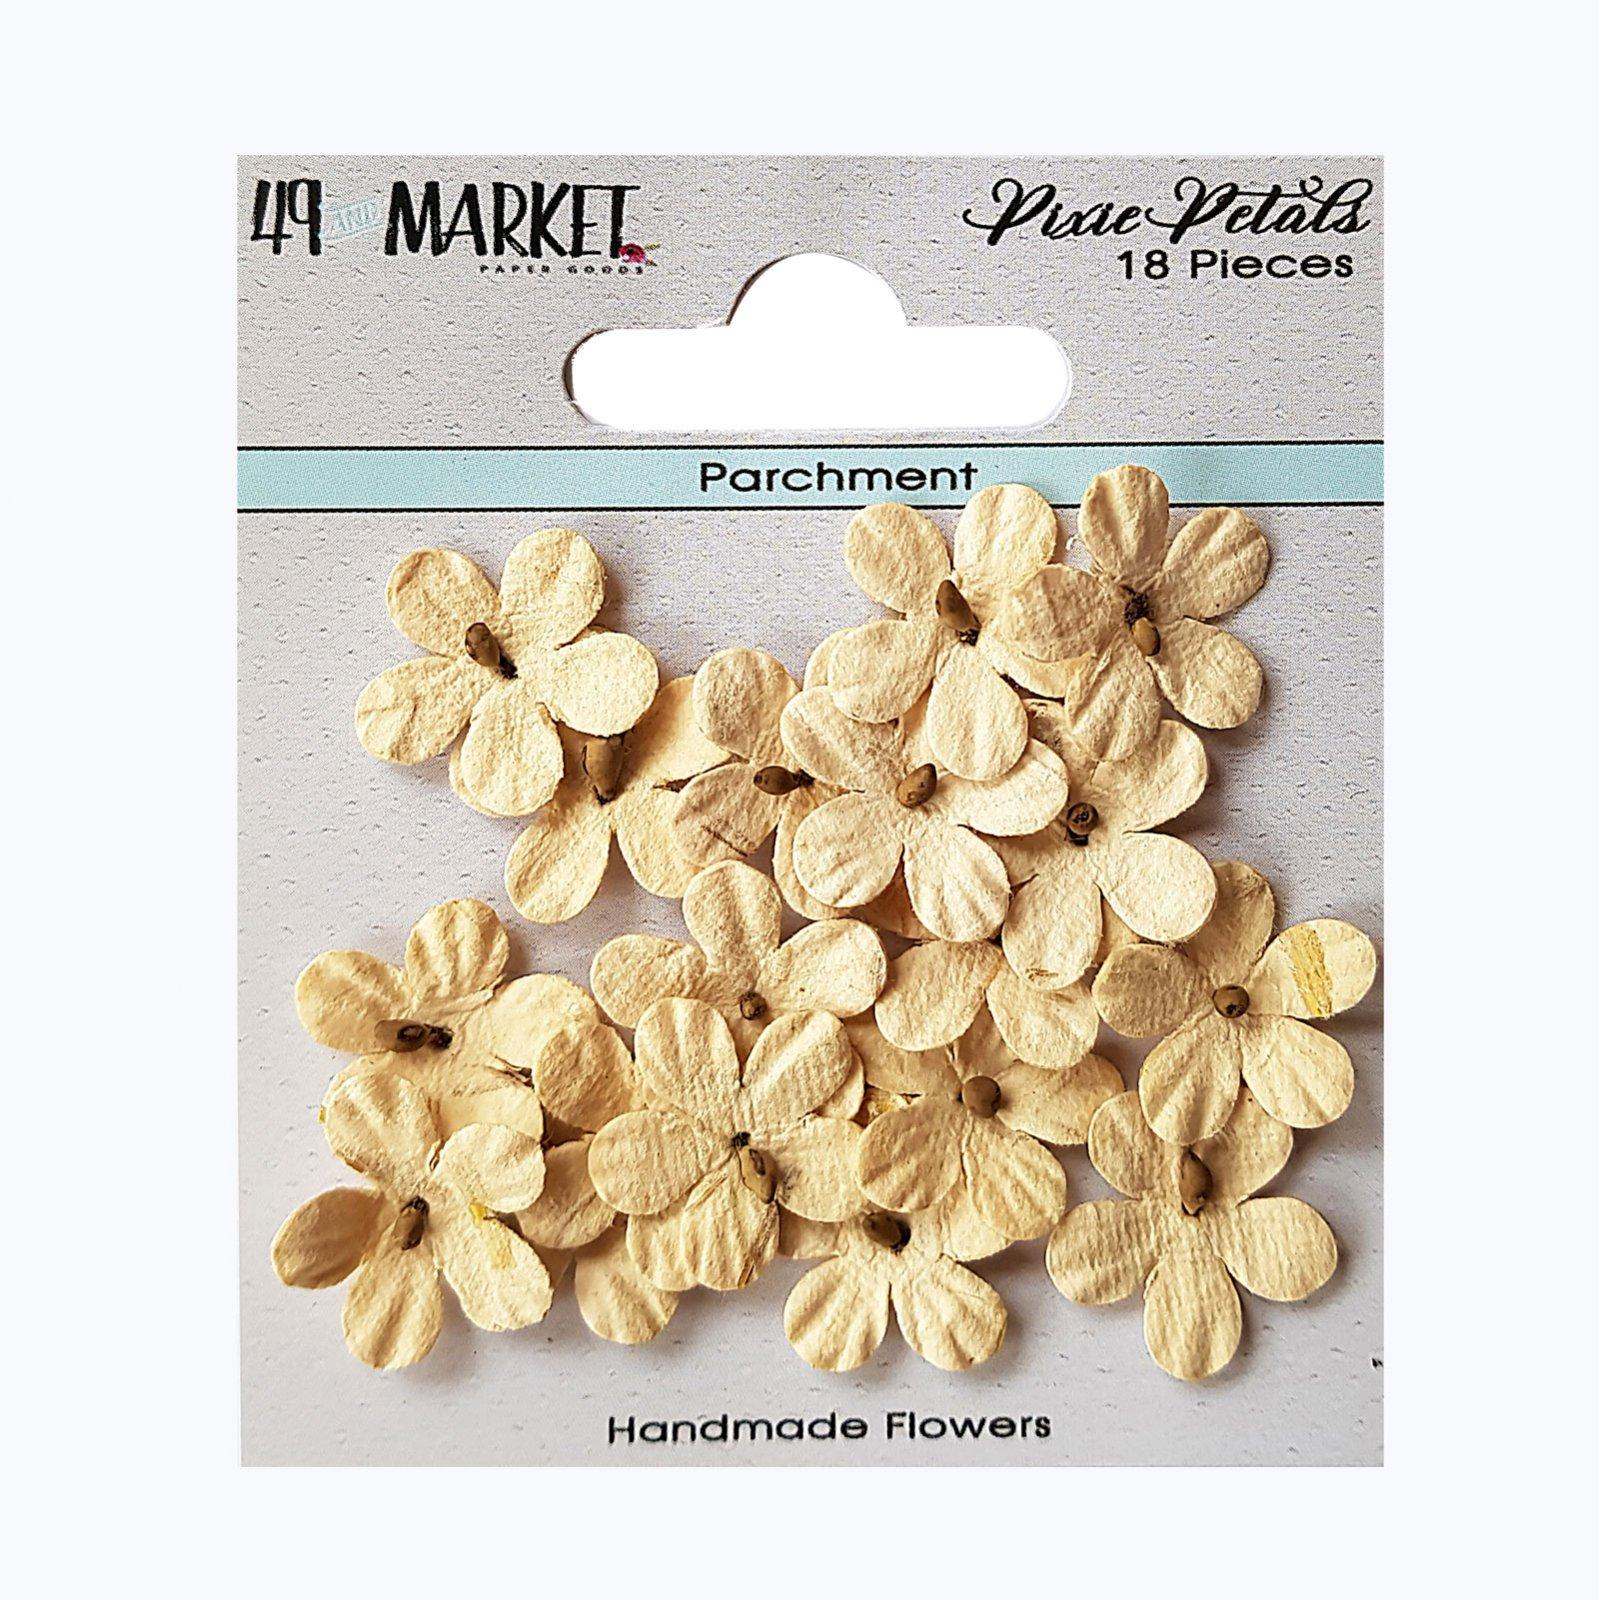 49th & Market - Pixie Petals - Parchment